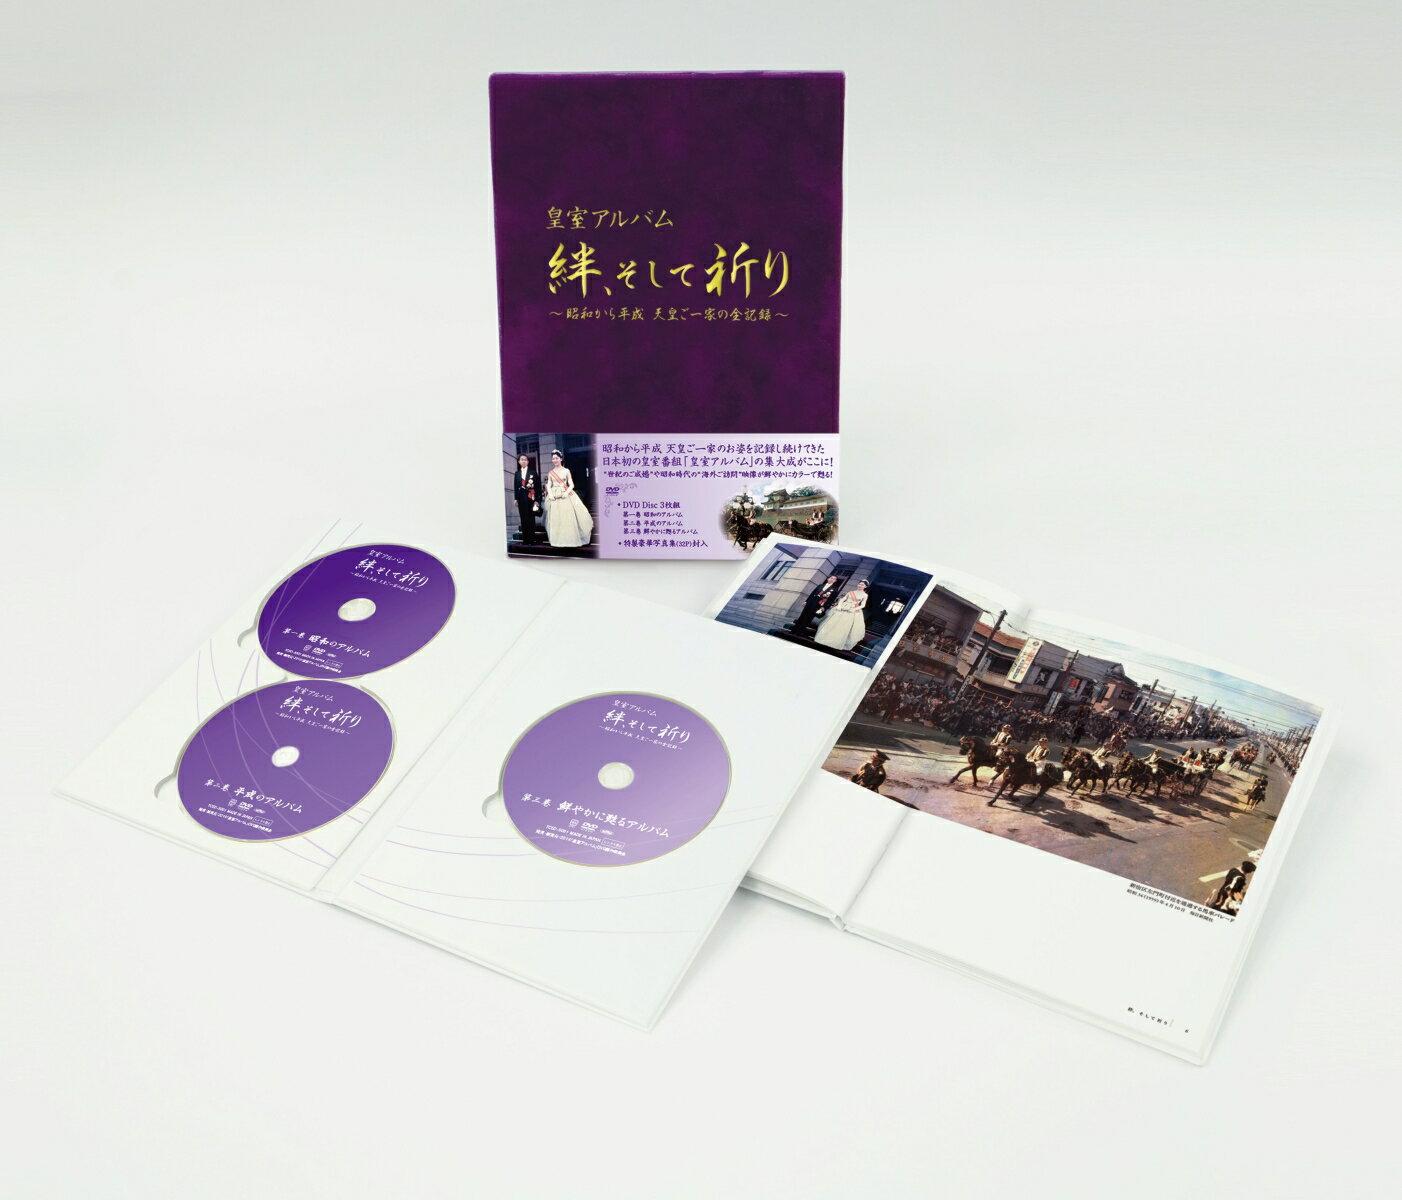 皇室アルバム 絆、そして祈り〜昭和から平成 天皇ご一家の全記録〜 [ (趣味/教養) ]